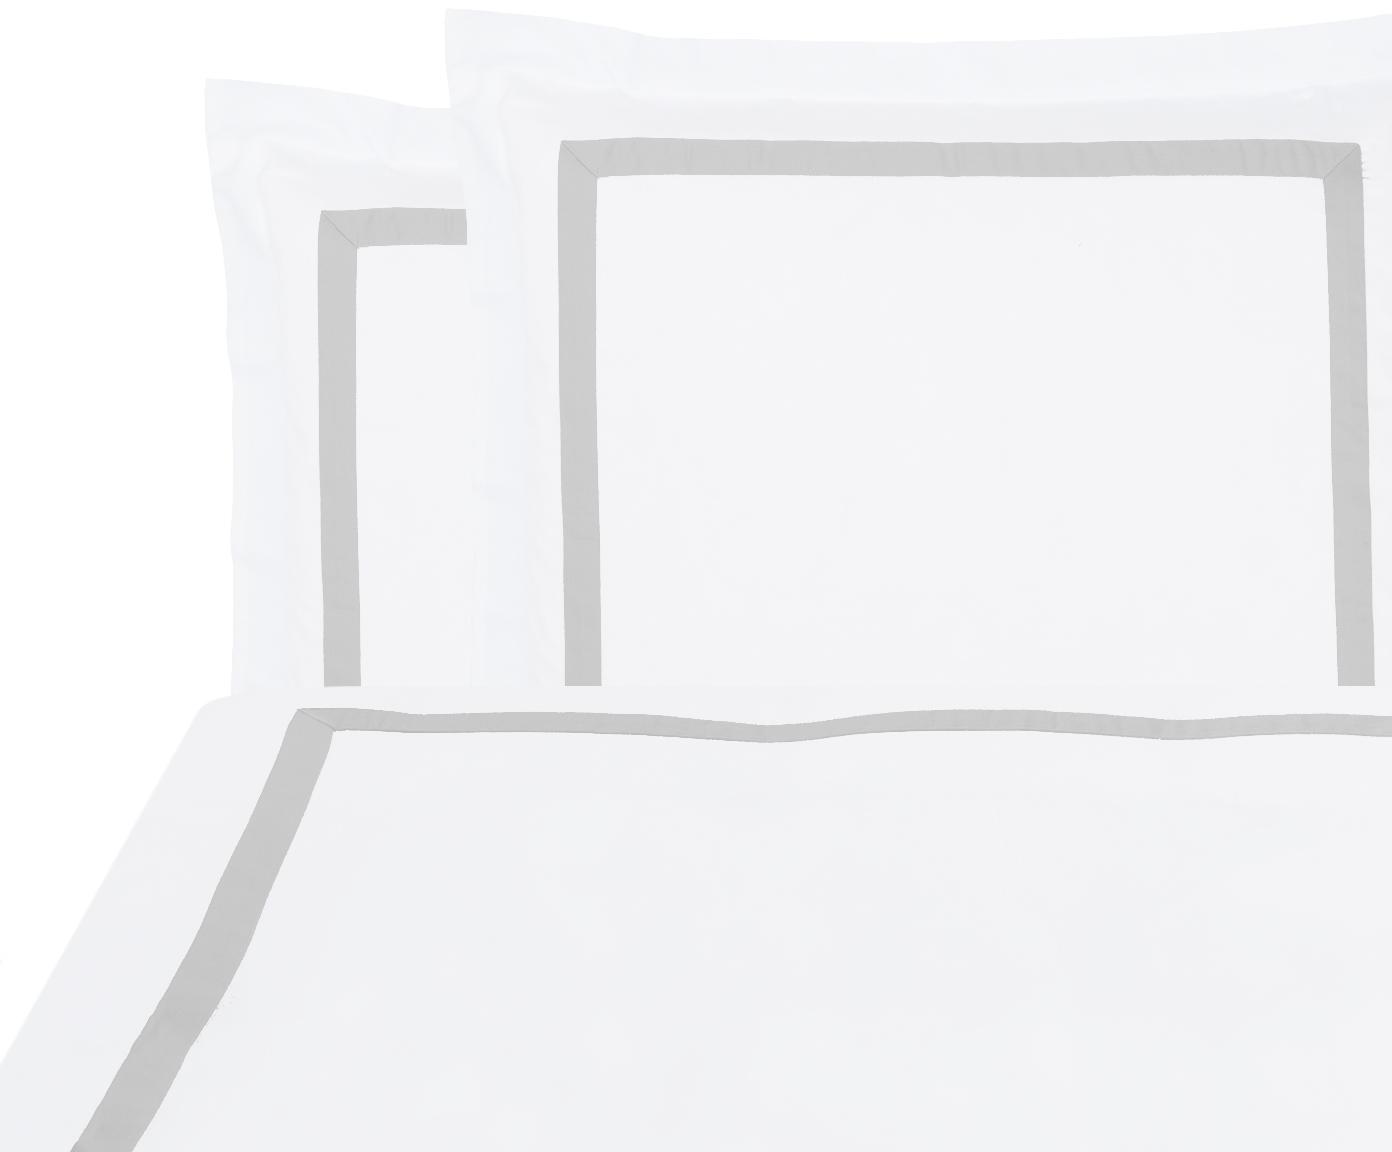 Baumwollsatin-Bettwäsche Nora in Weiß/Hellgrau, Webart: Satin Fadendichte 400 TC,, Weiß, Hellgrau, 200 x 200 cm + 2 Kissen 80 x 80 cm